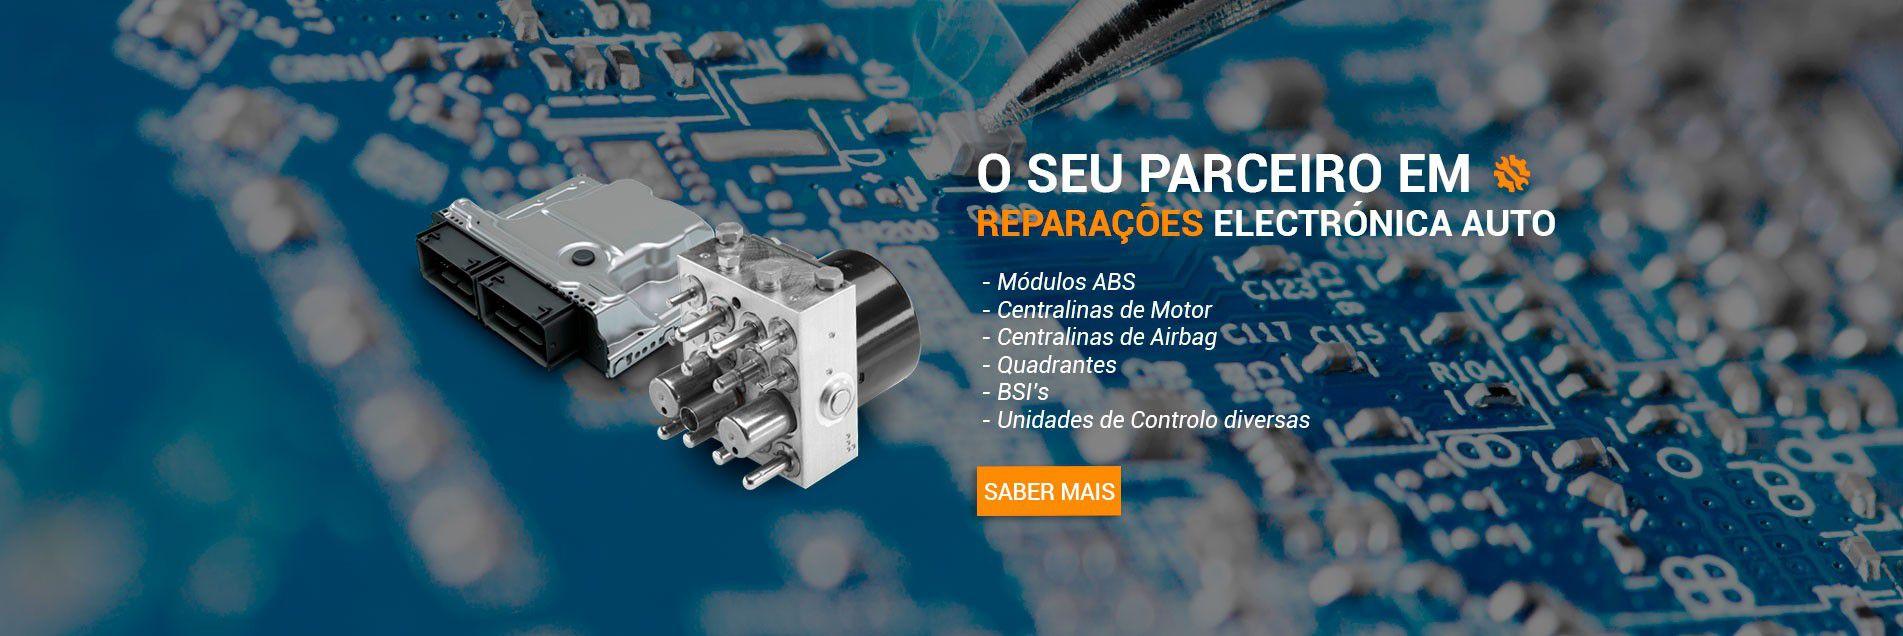 Seu parceiro em Reparações Eletrónicas Auto